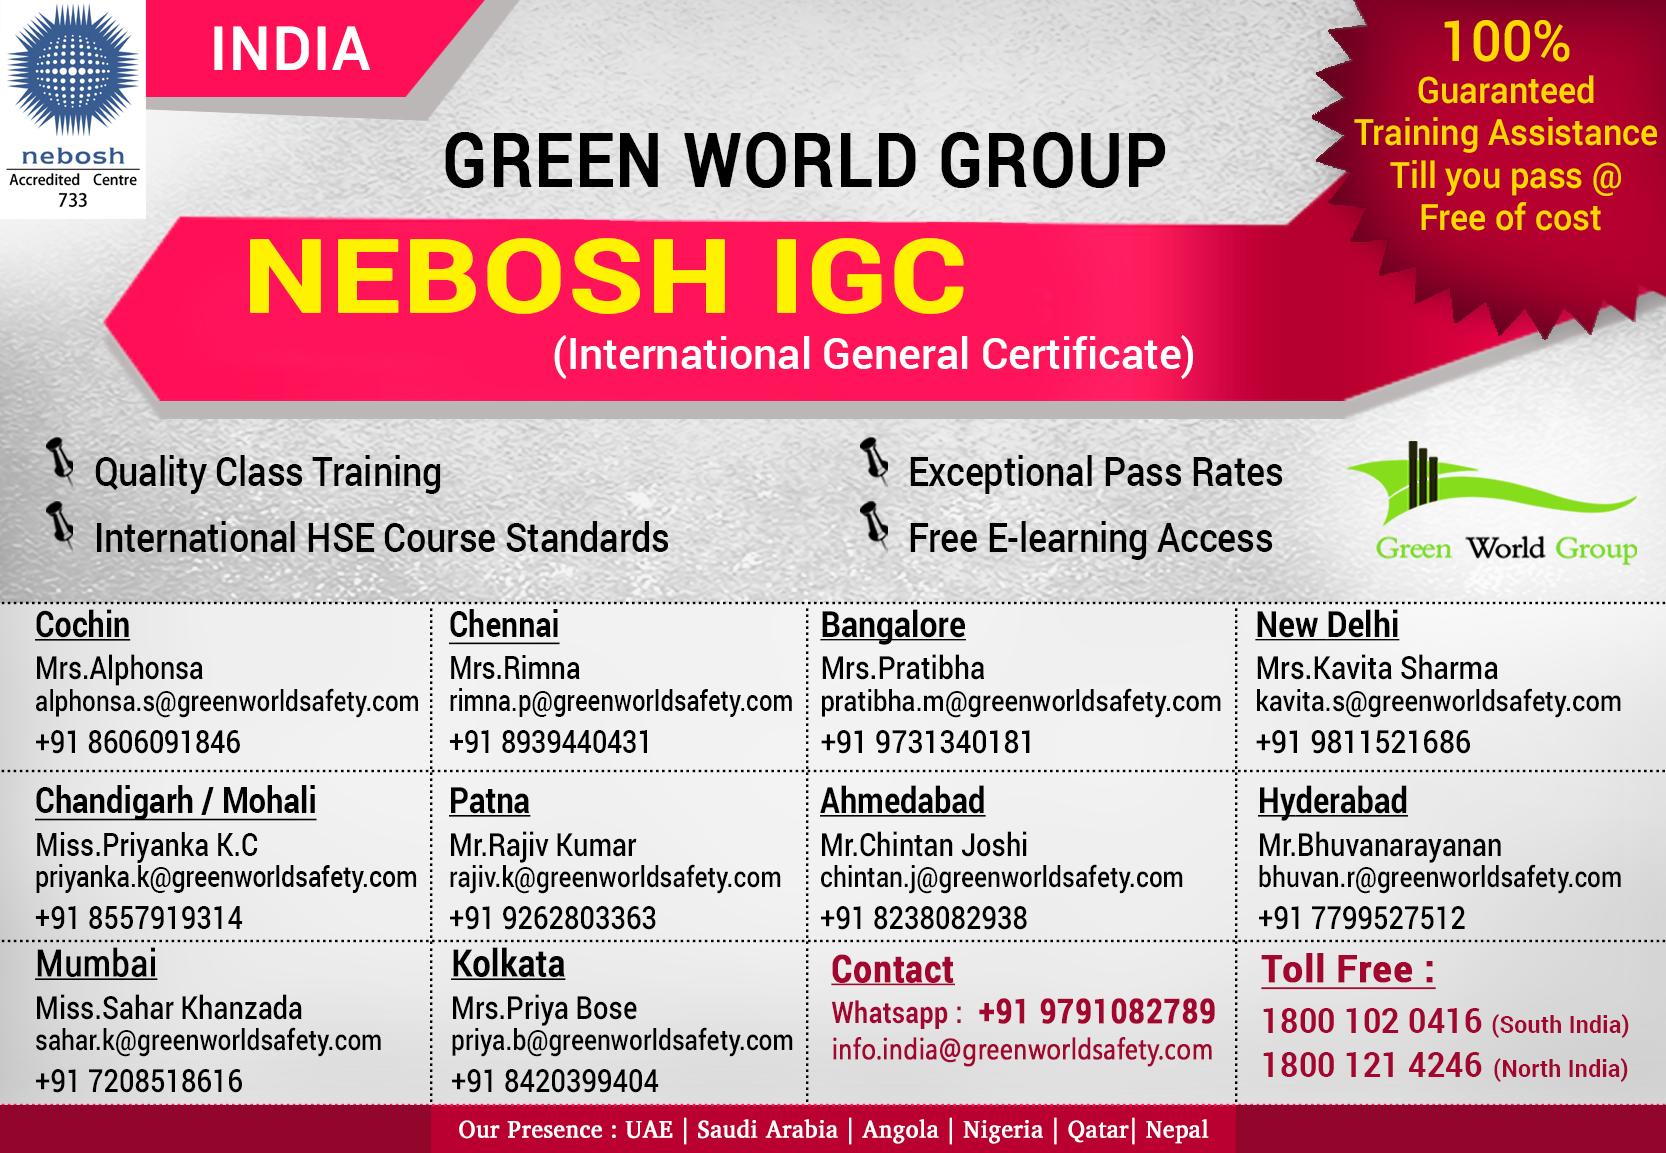 nebosh-training-course-india